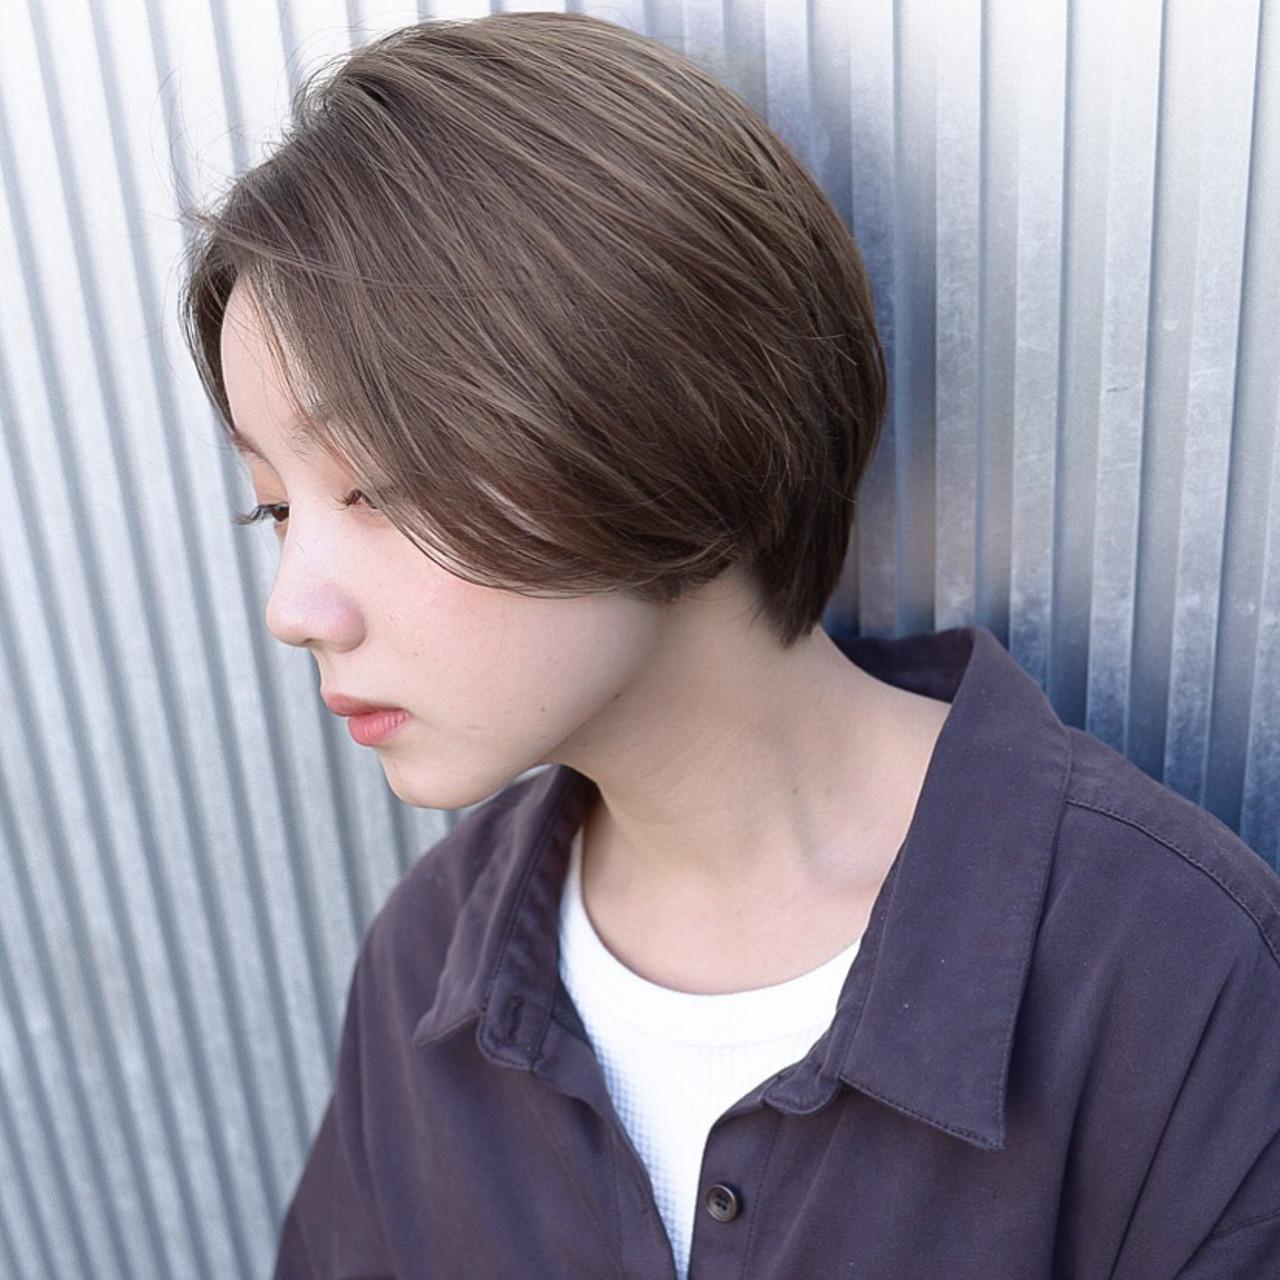 前髪あり グレージュ ショート 透明感 ヘアスタイルや髪型の写真・画像